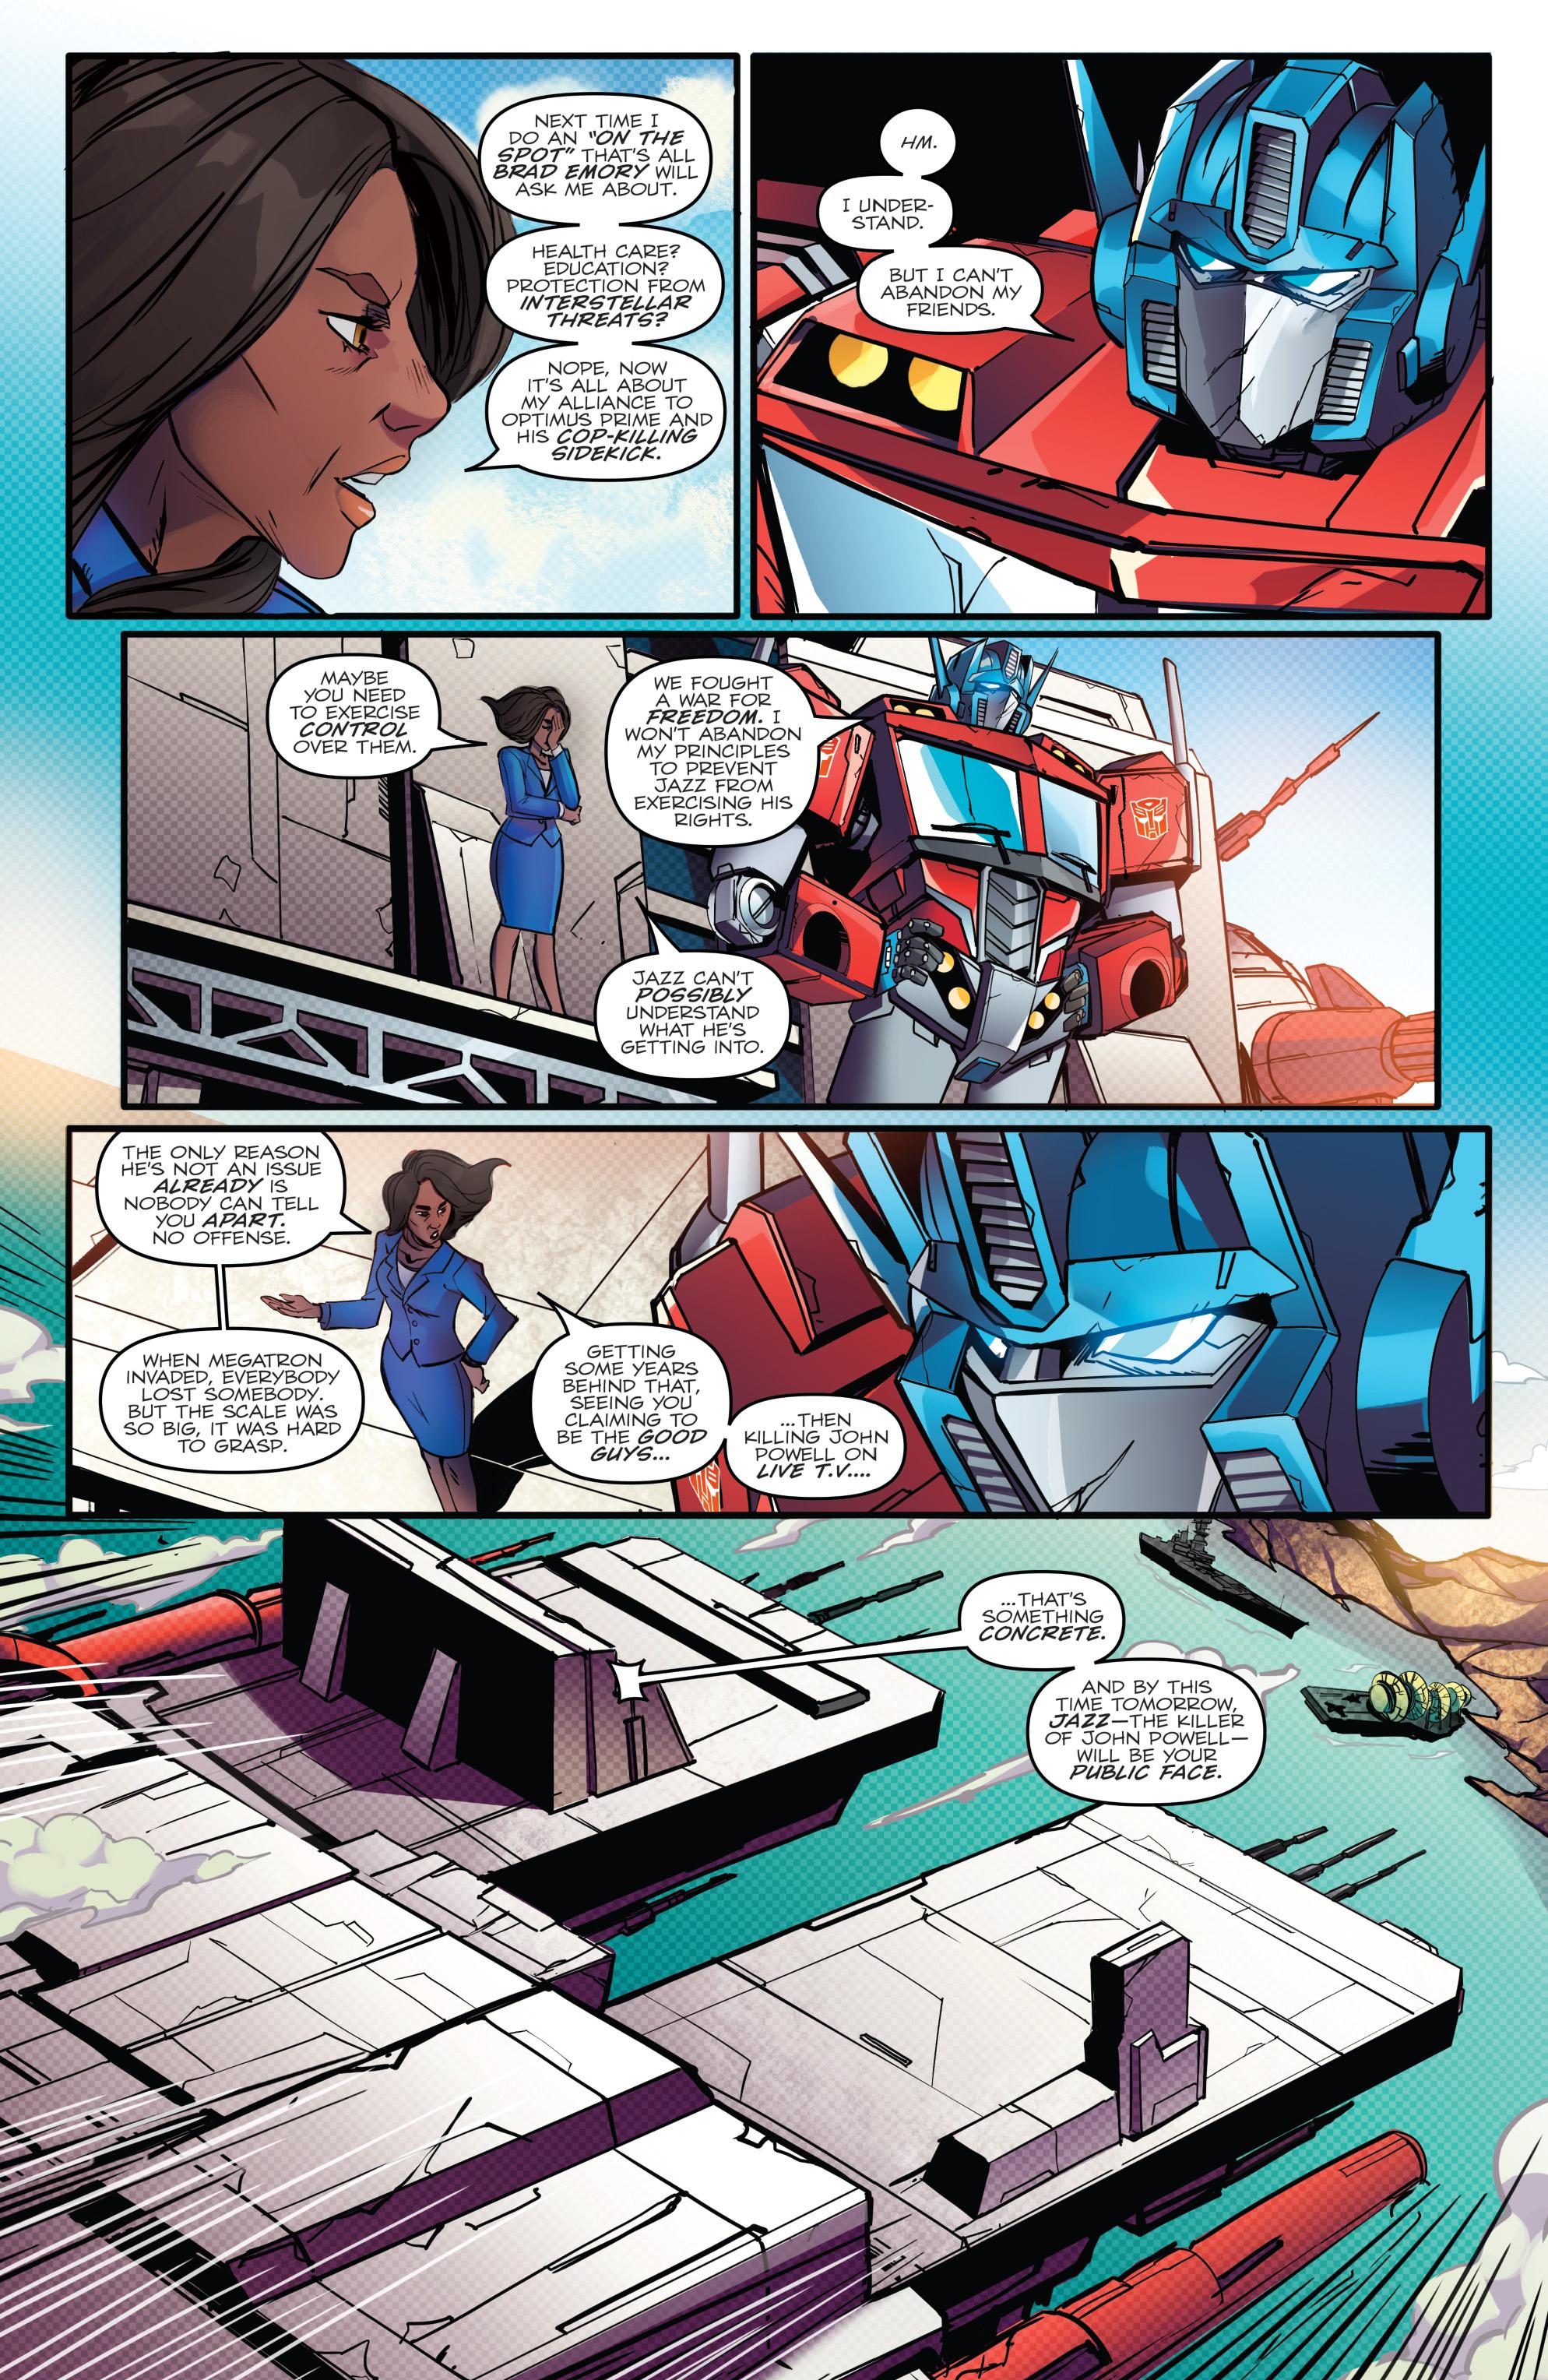 Read online Optimus Prime comic -  Issue #7 - 13